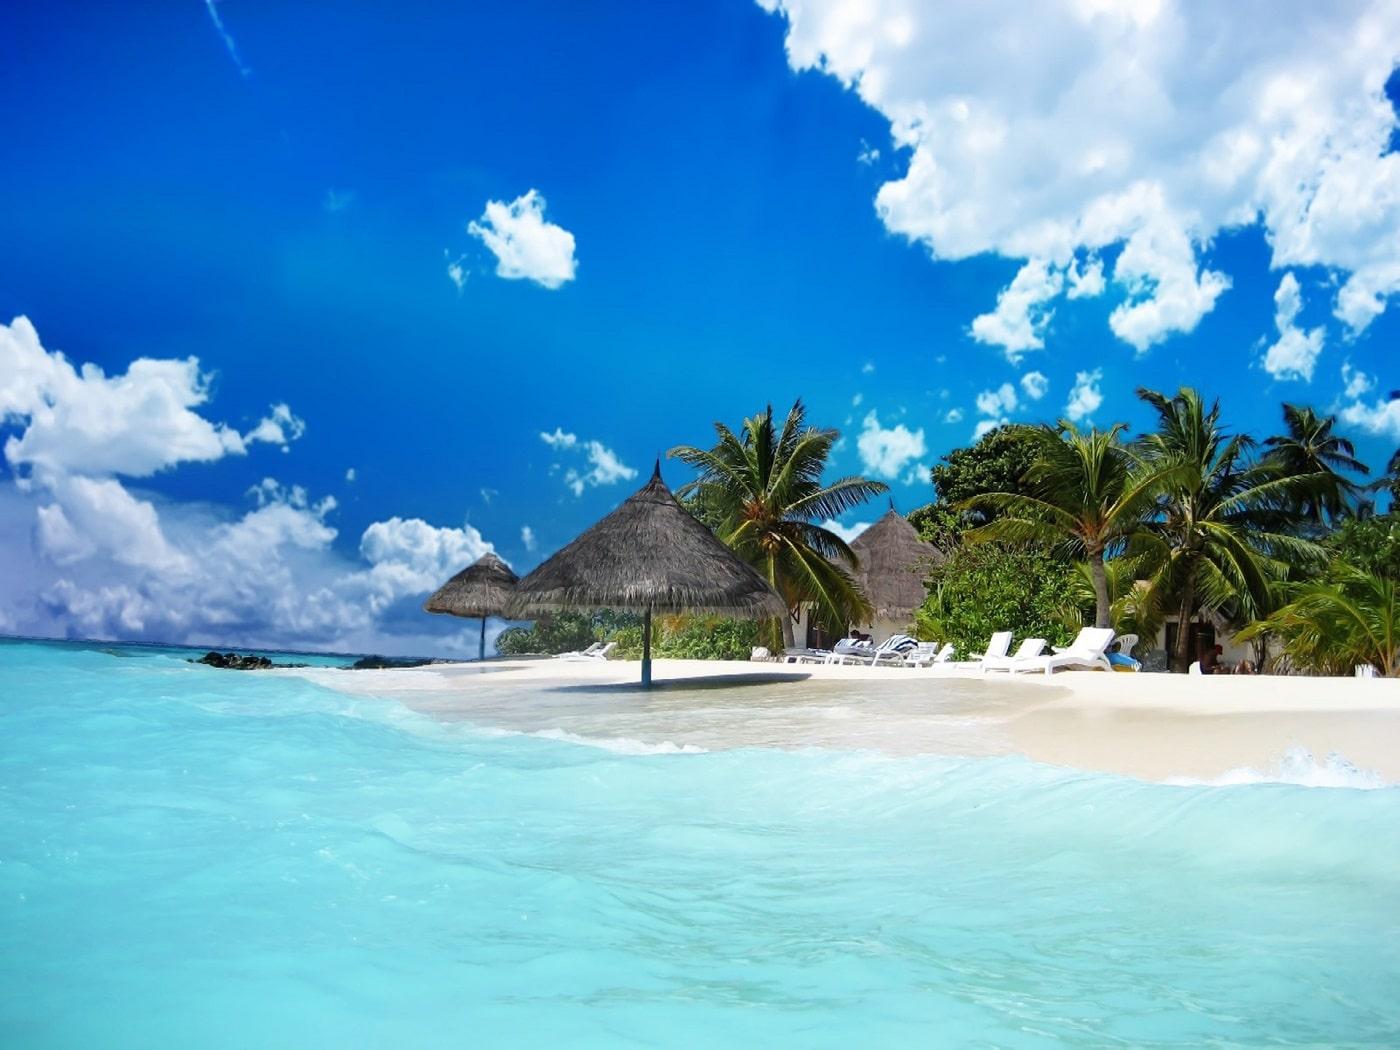 Frumoasa plajă se remarcă prin apele limpezi ce completează cadrul natural